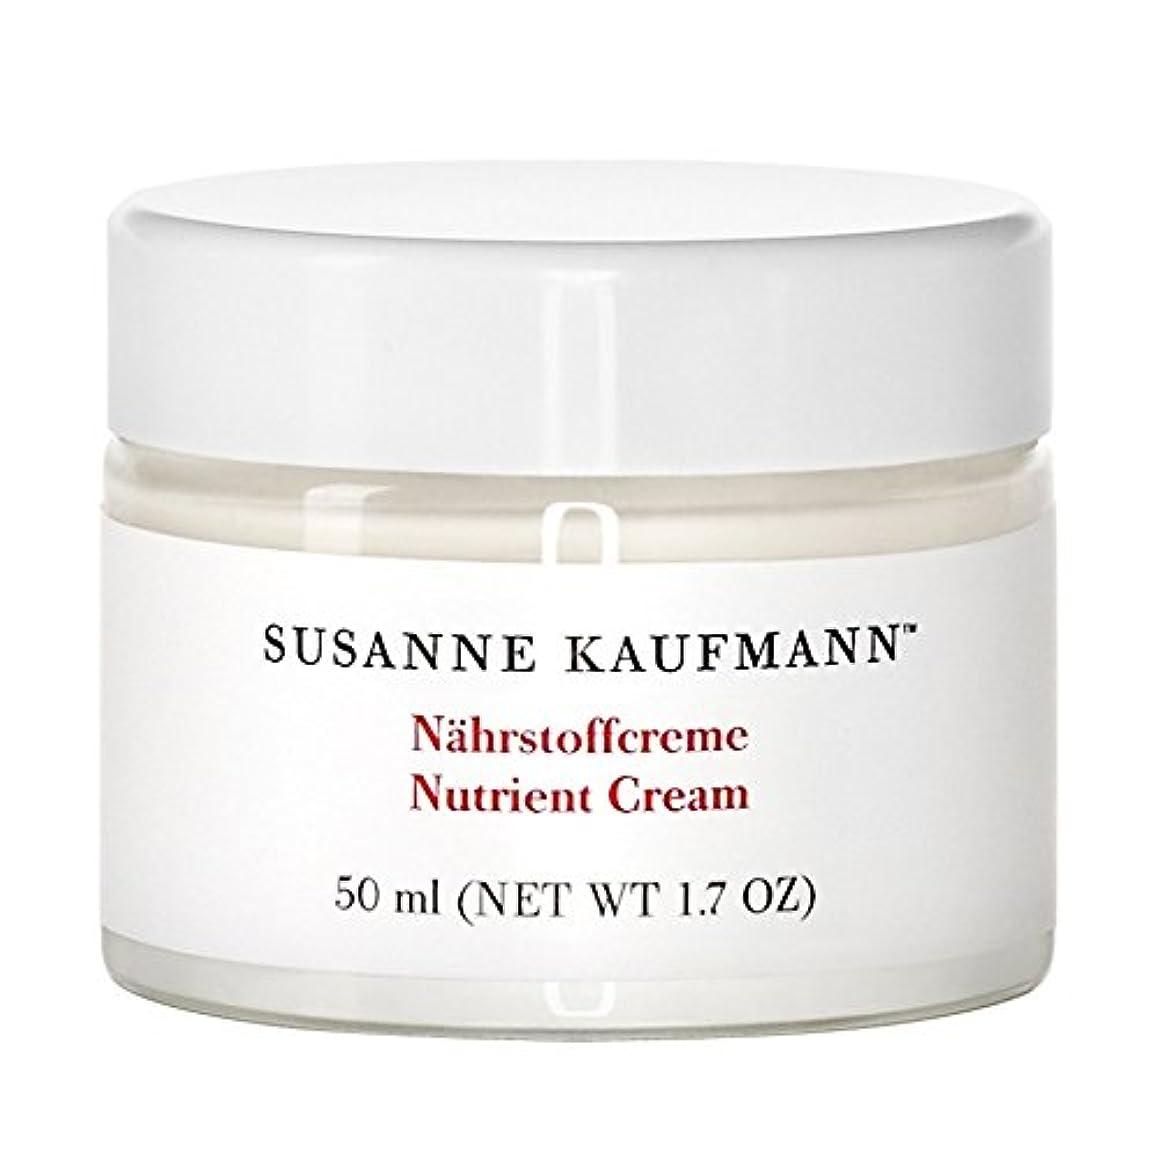 臭い時代遅れ富Susanne Kaufmann Nutrient Cream 50ml - スザンヌカウフマン栄養クリーム50 [並行輸入品]